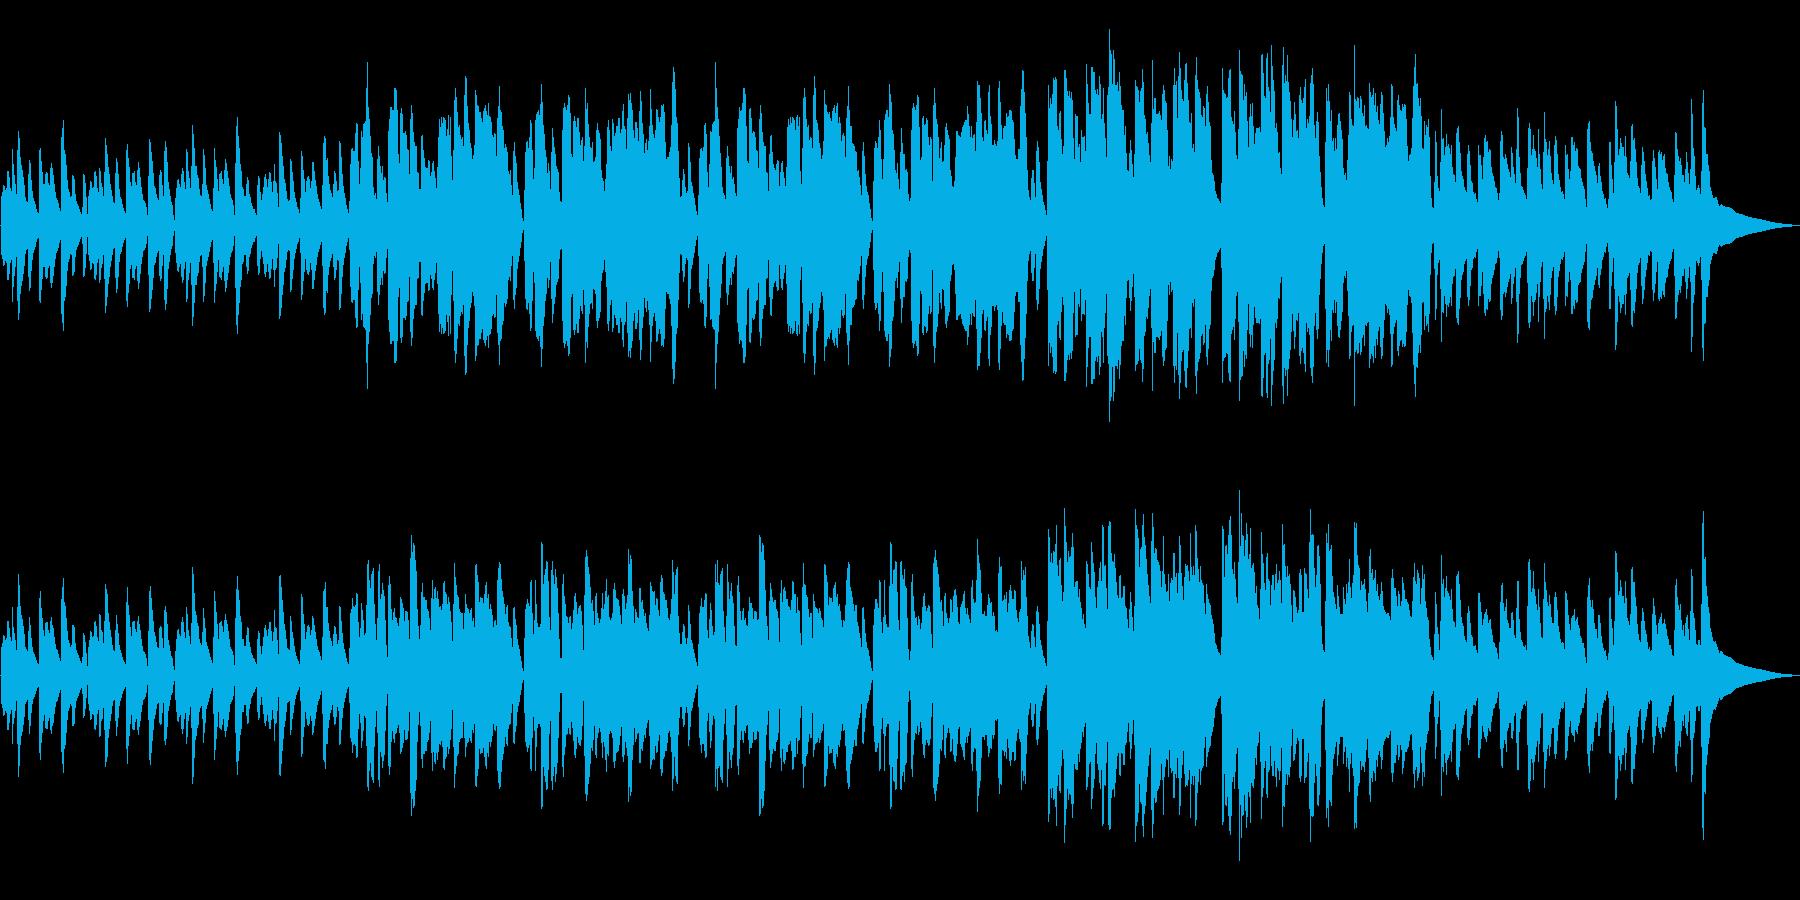 かわいい映像に合う優しいフルート曲の再生済みの波形